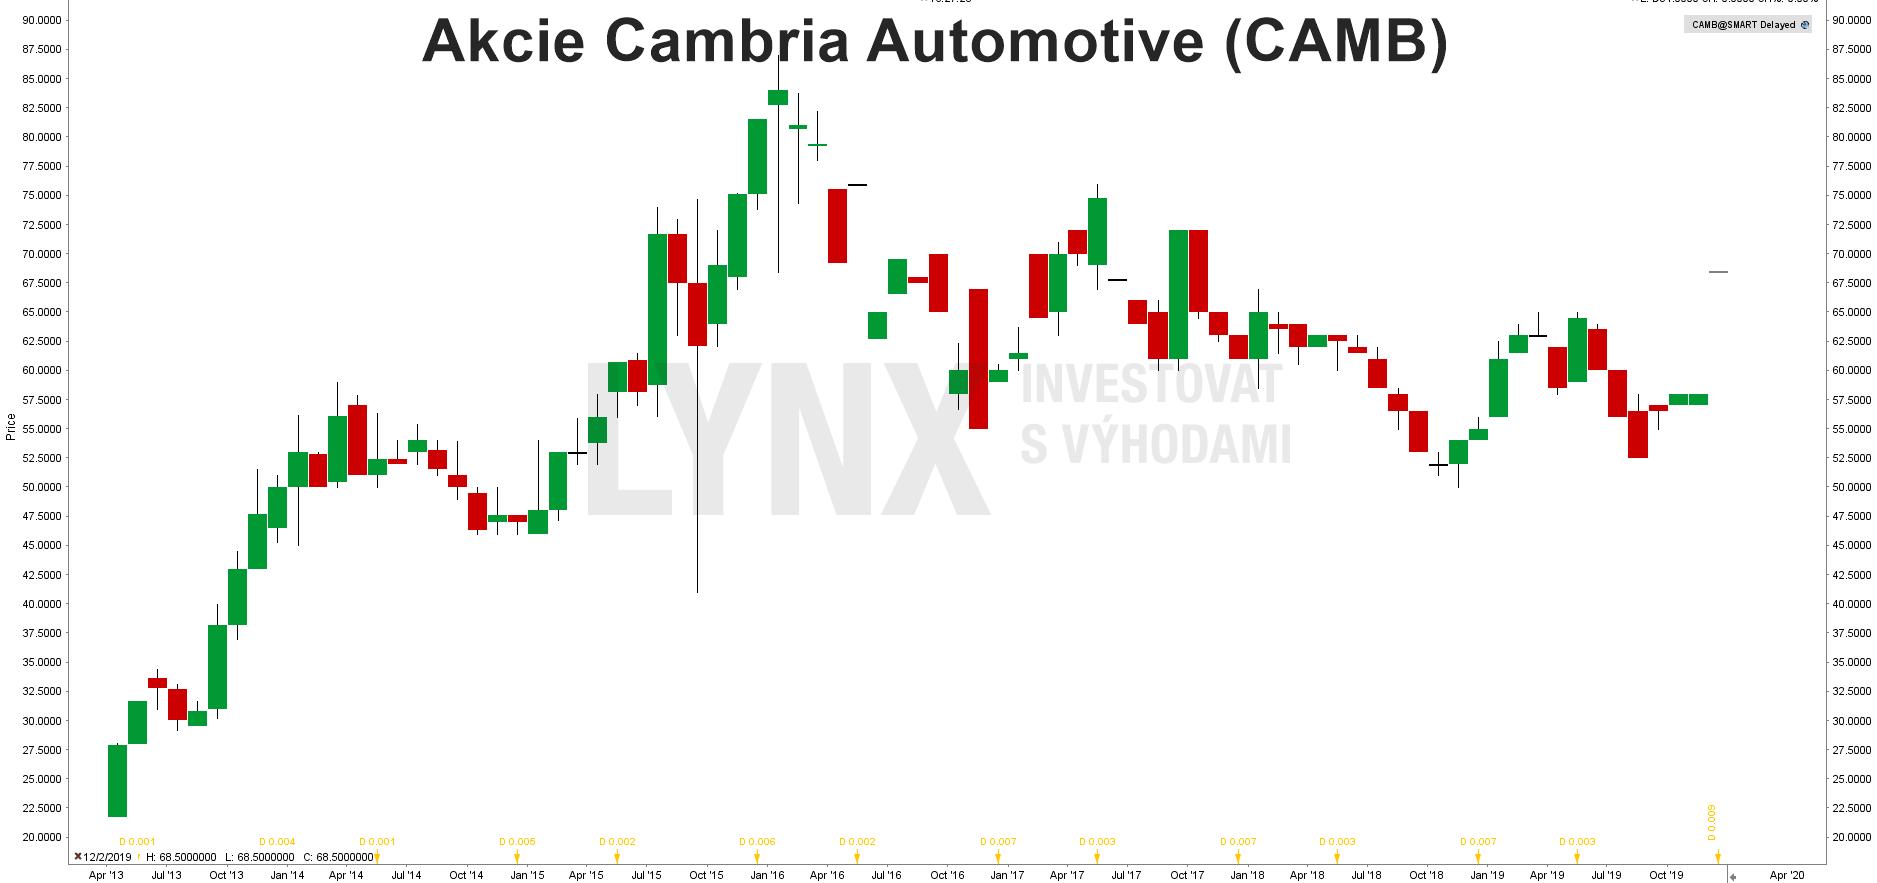 Akcie Cambria Automotive (CAMB)